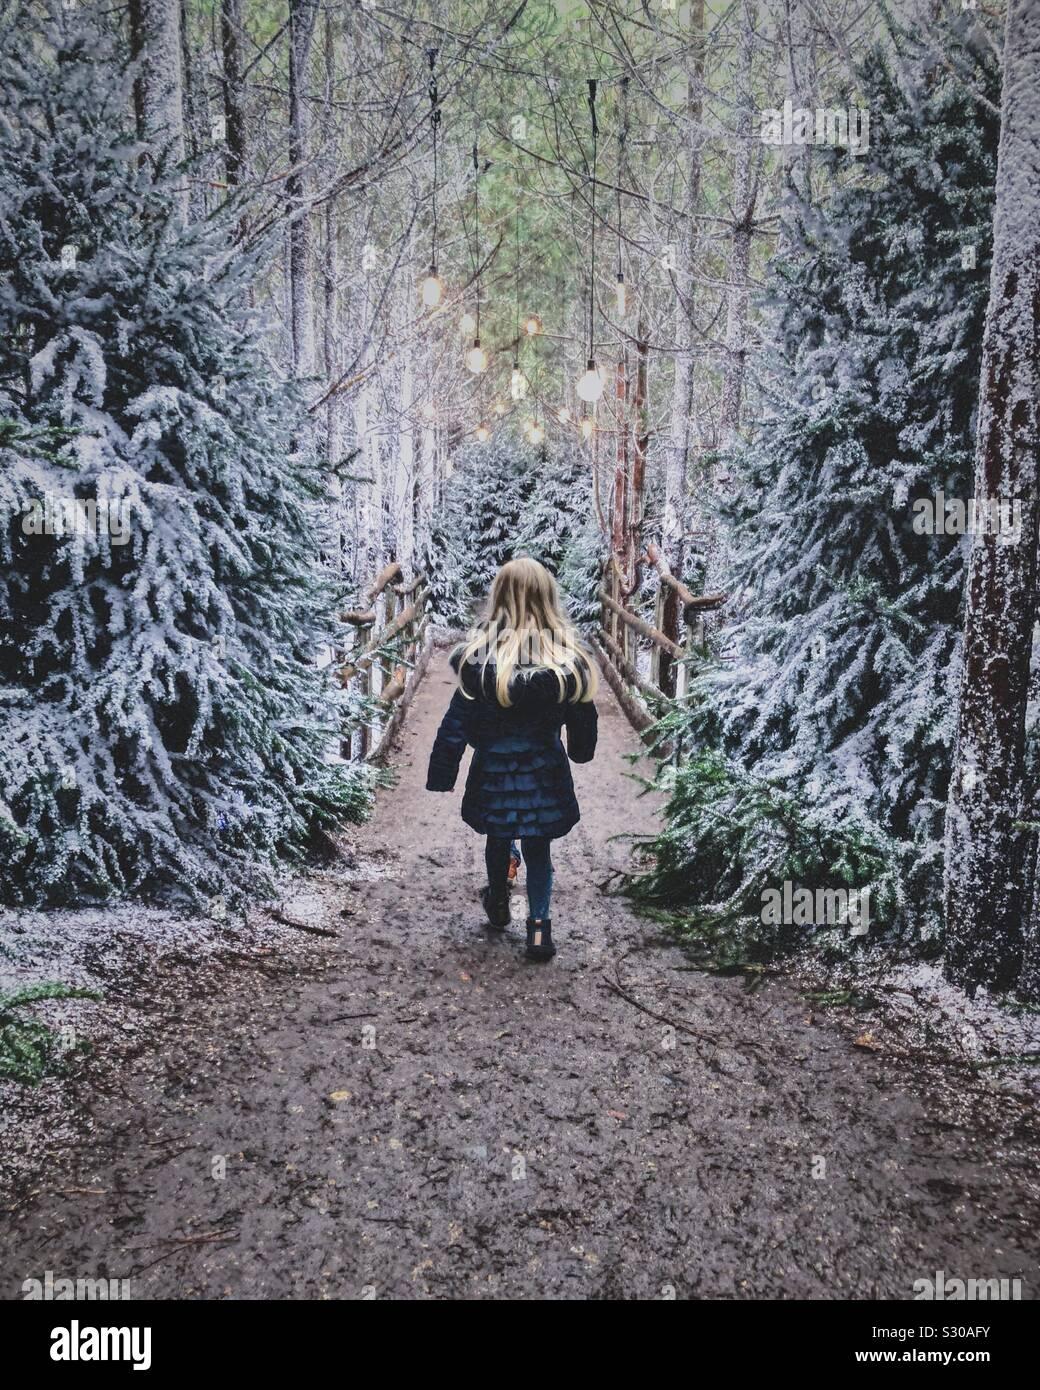 Bambina camminando nel bosco innevato bridge Foto Stock